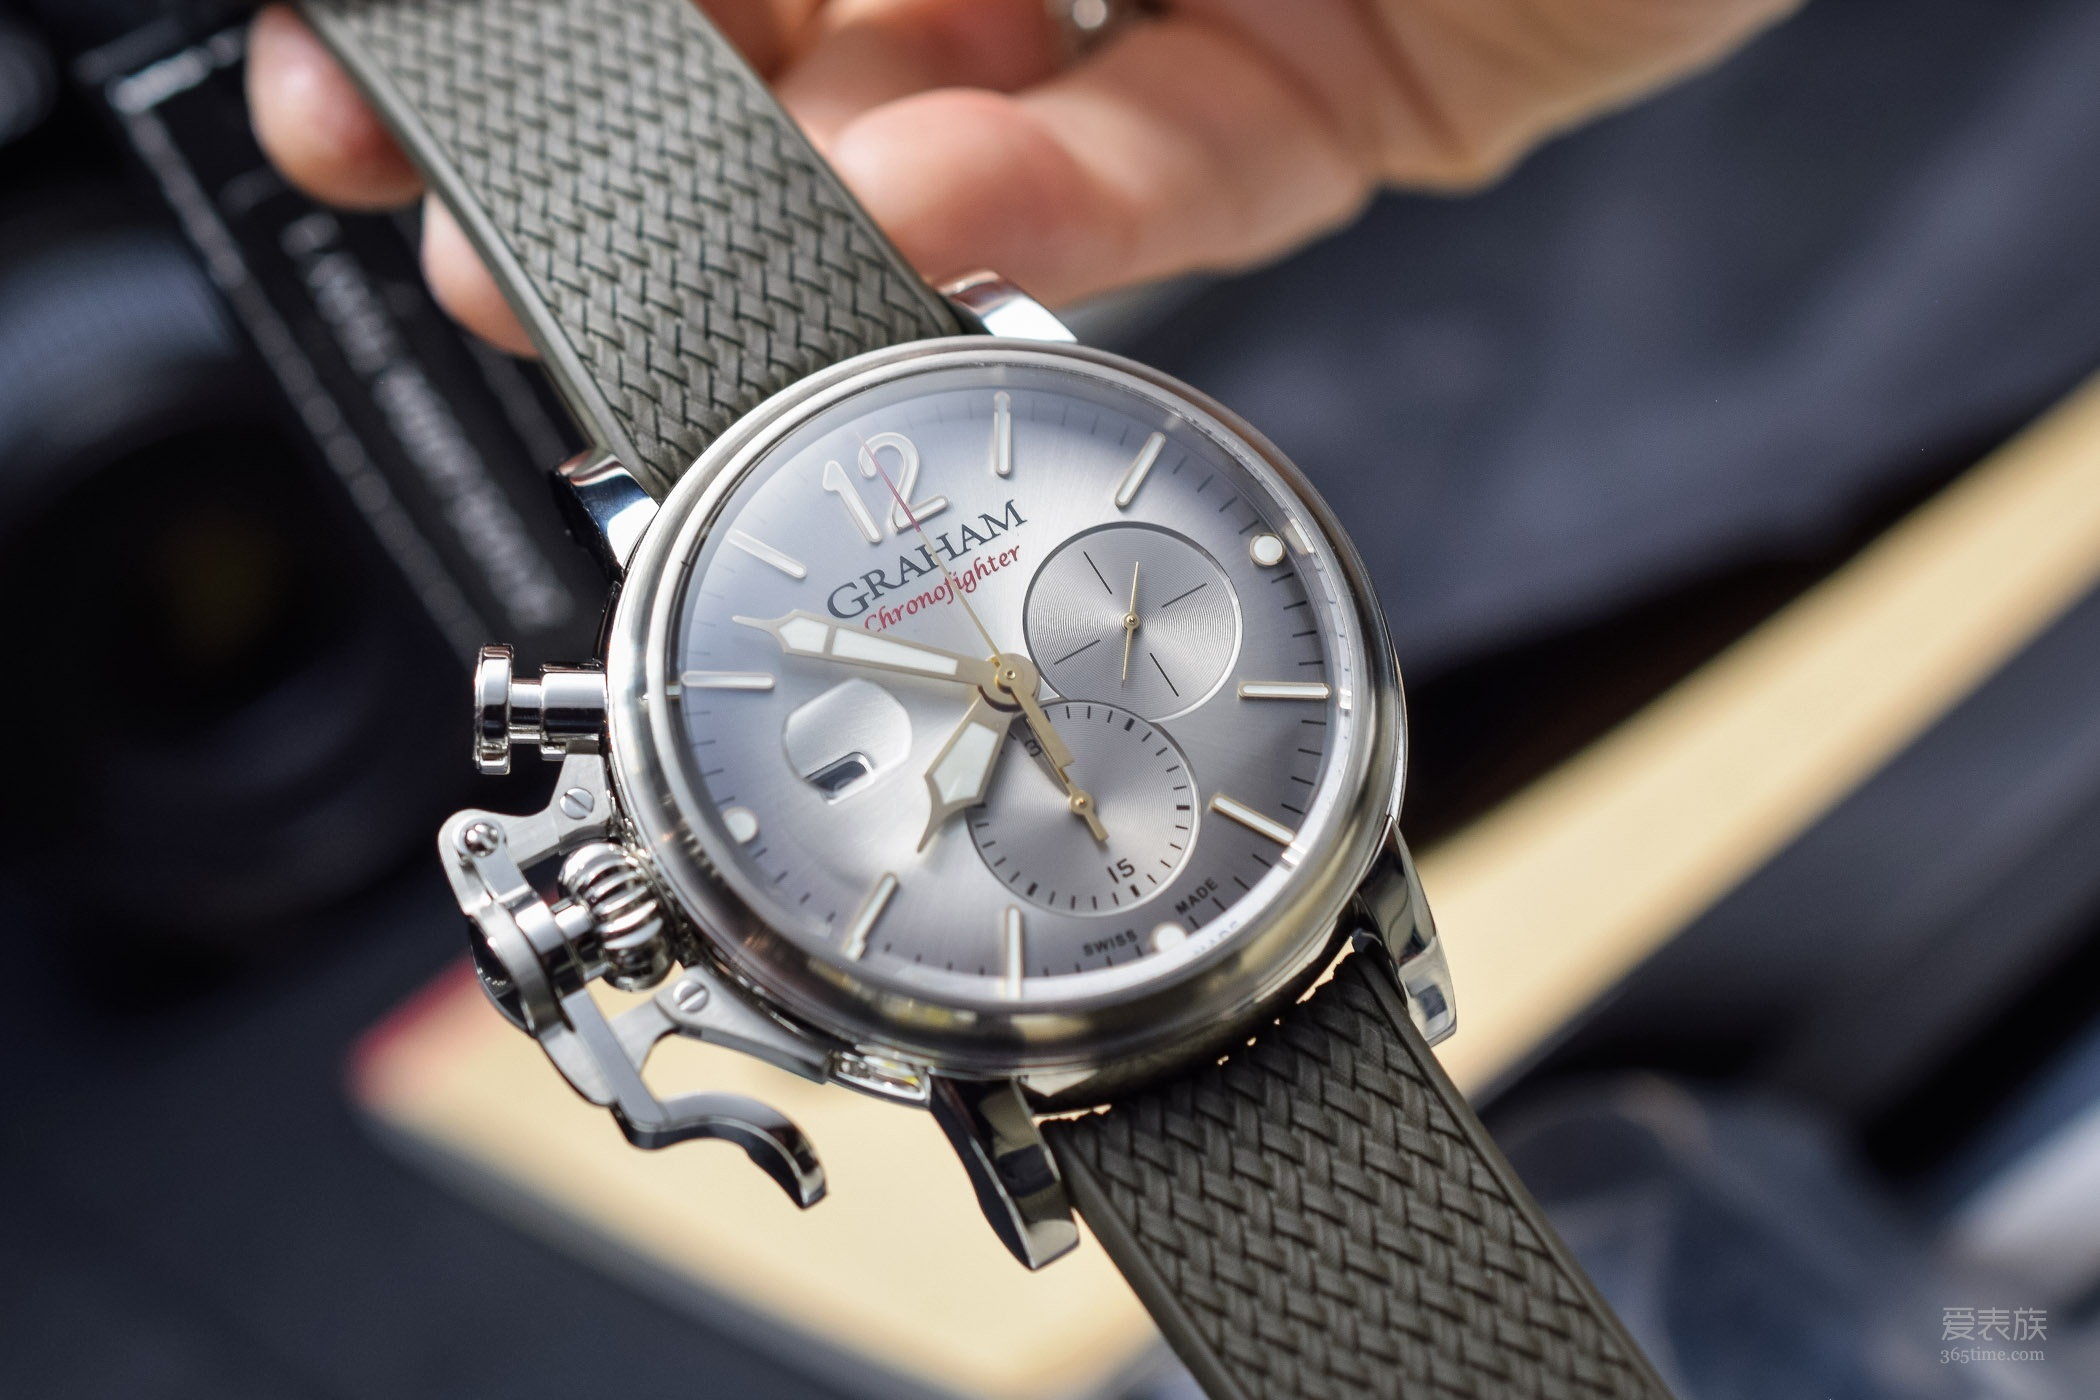 我林汉姆又大回来了——格林汉姆Chronofighter系列Grand Vintage腕表